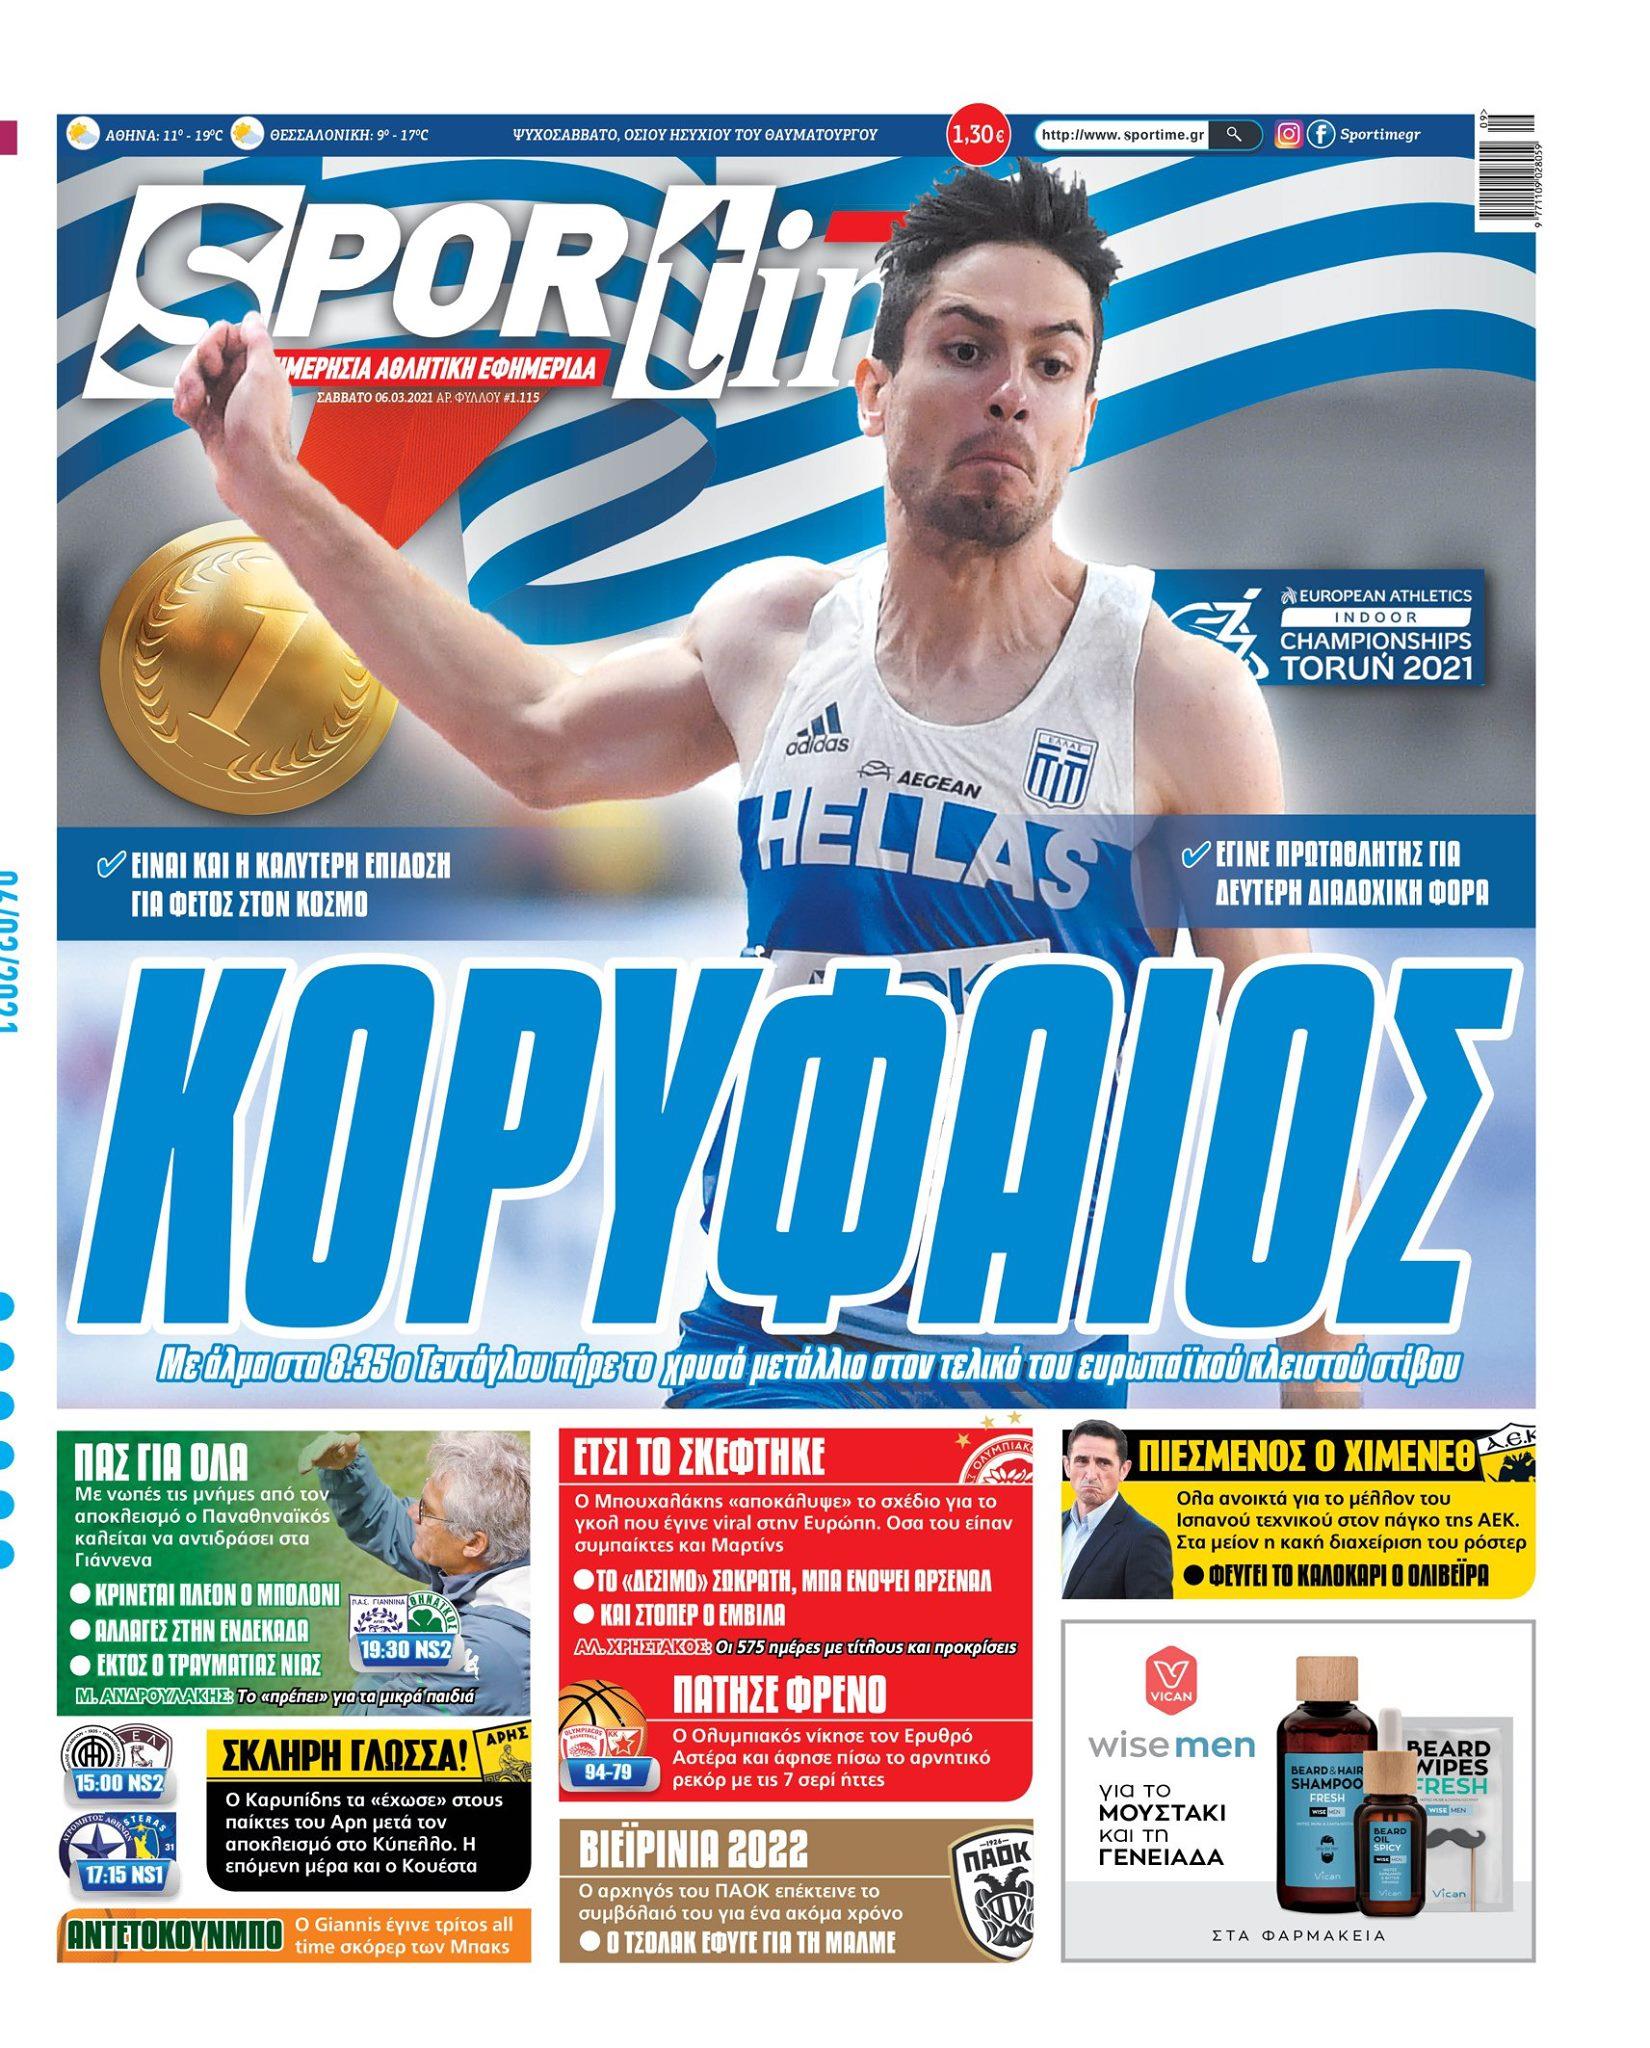 Εφημερίδα SPORTIME - Εξώφυλλο φύλλου 6/3/2021